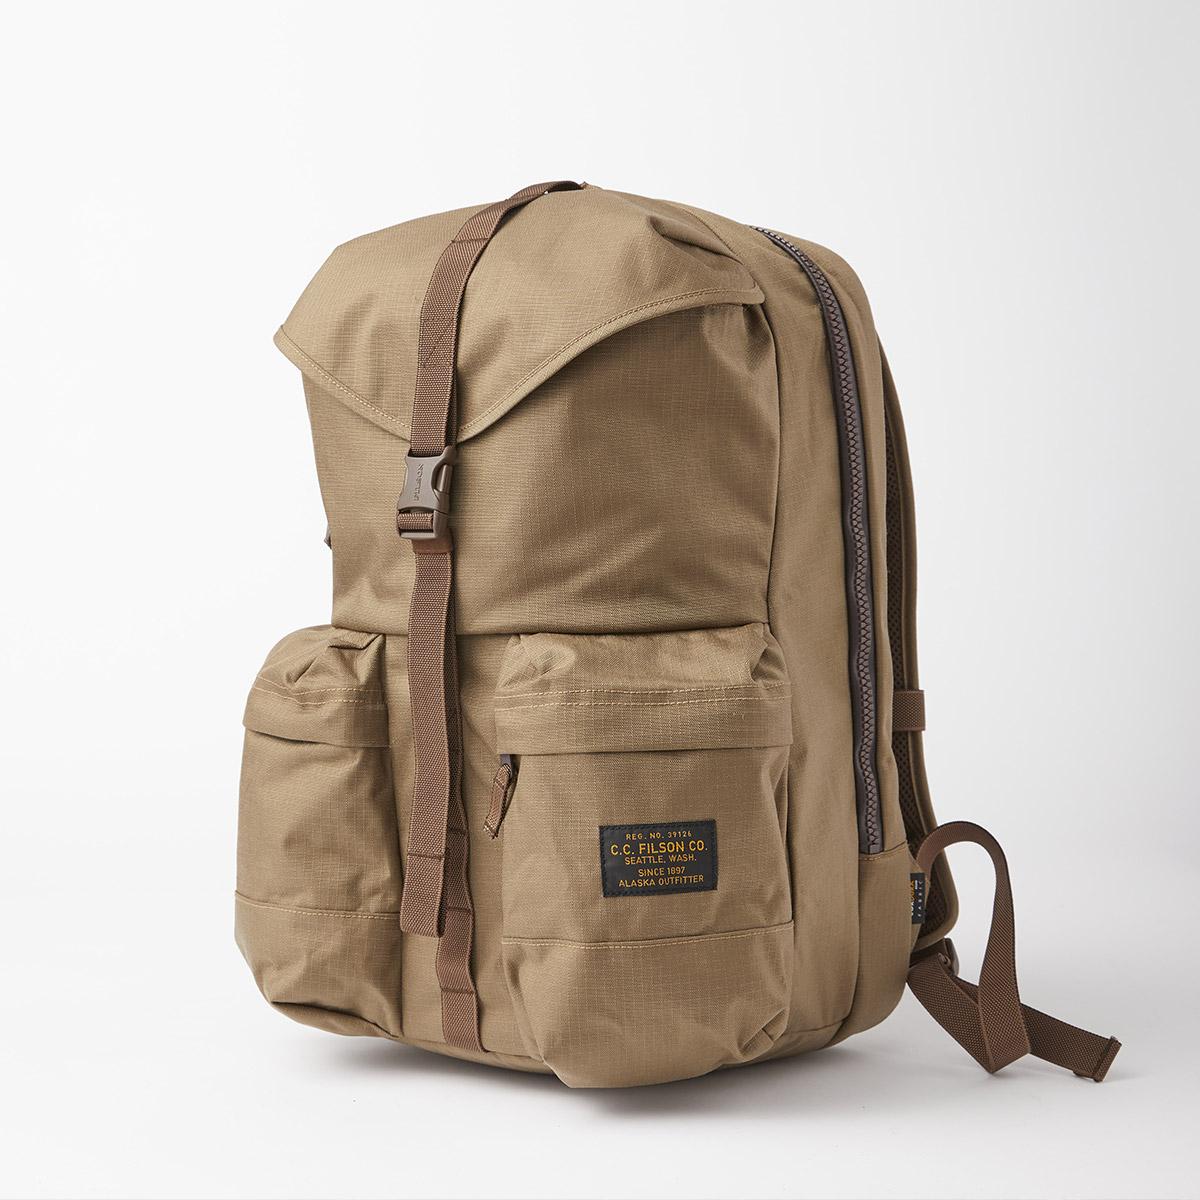 Filson Ripstop Backpack 20115929 Field Tan, Leicht und robust, entwickelt für Komfort auf langen Wanderungen